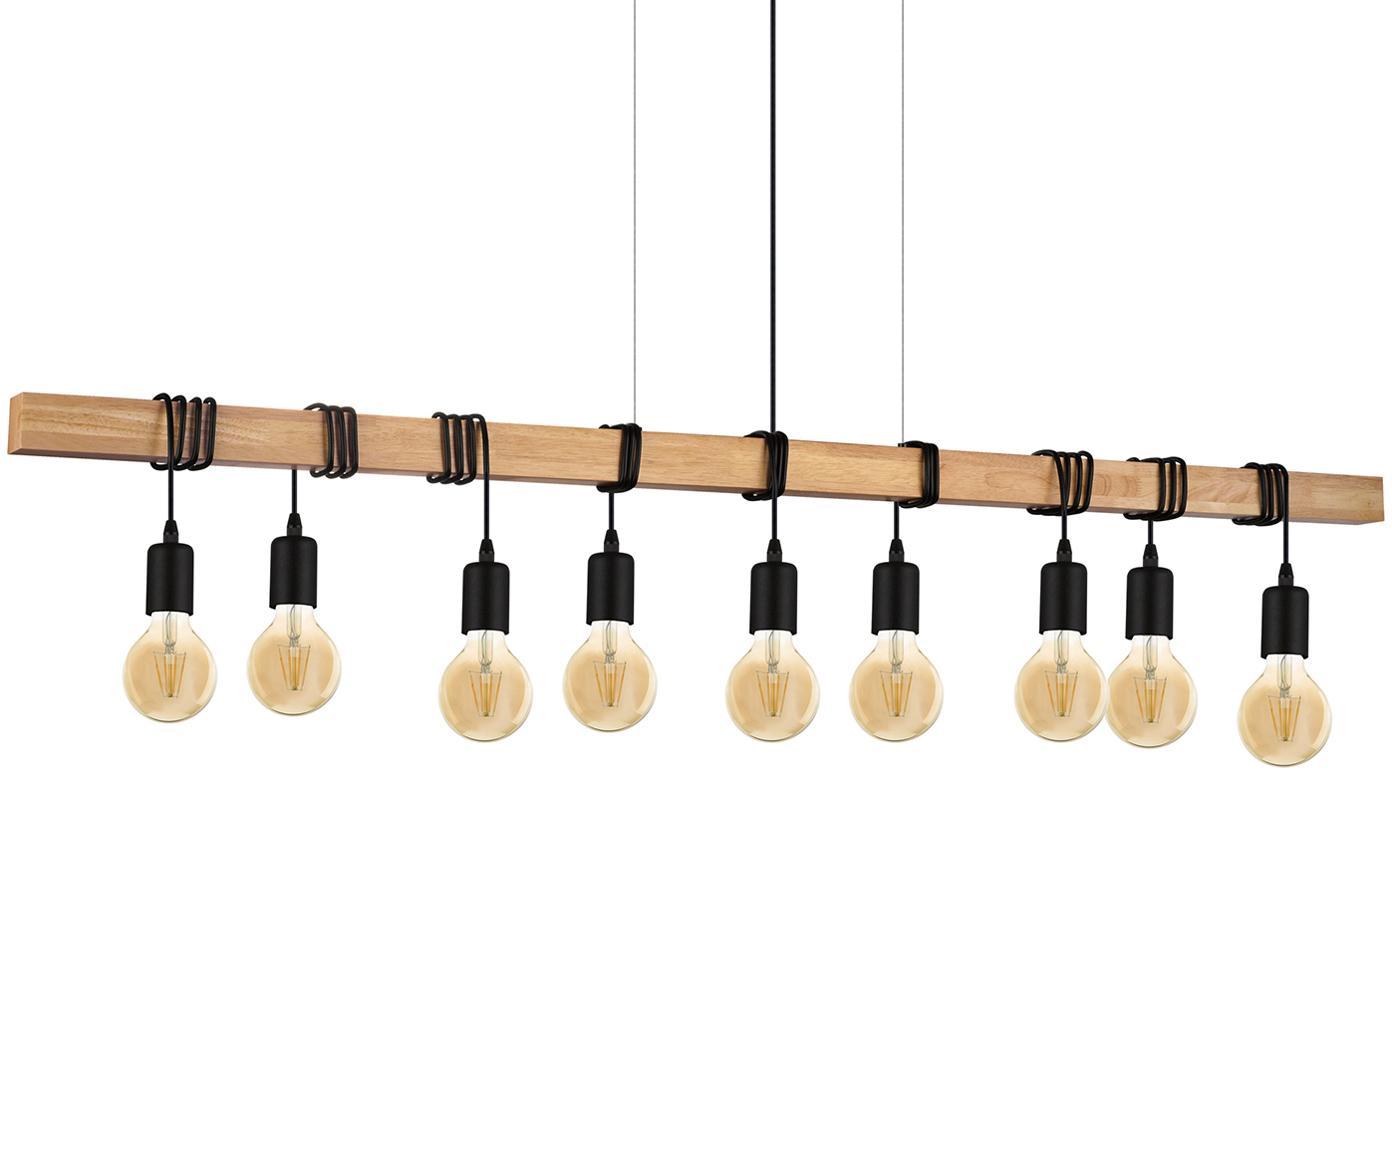 Duża lampa wisząca Townshend, Czarny, drewno naturalne, S 150 x W 110 cm